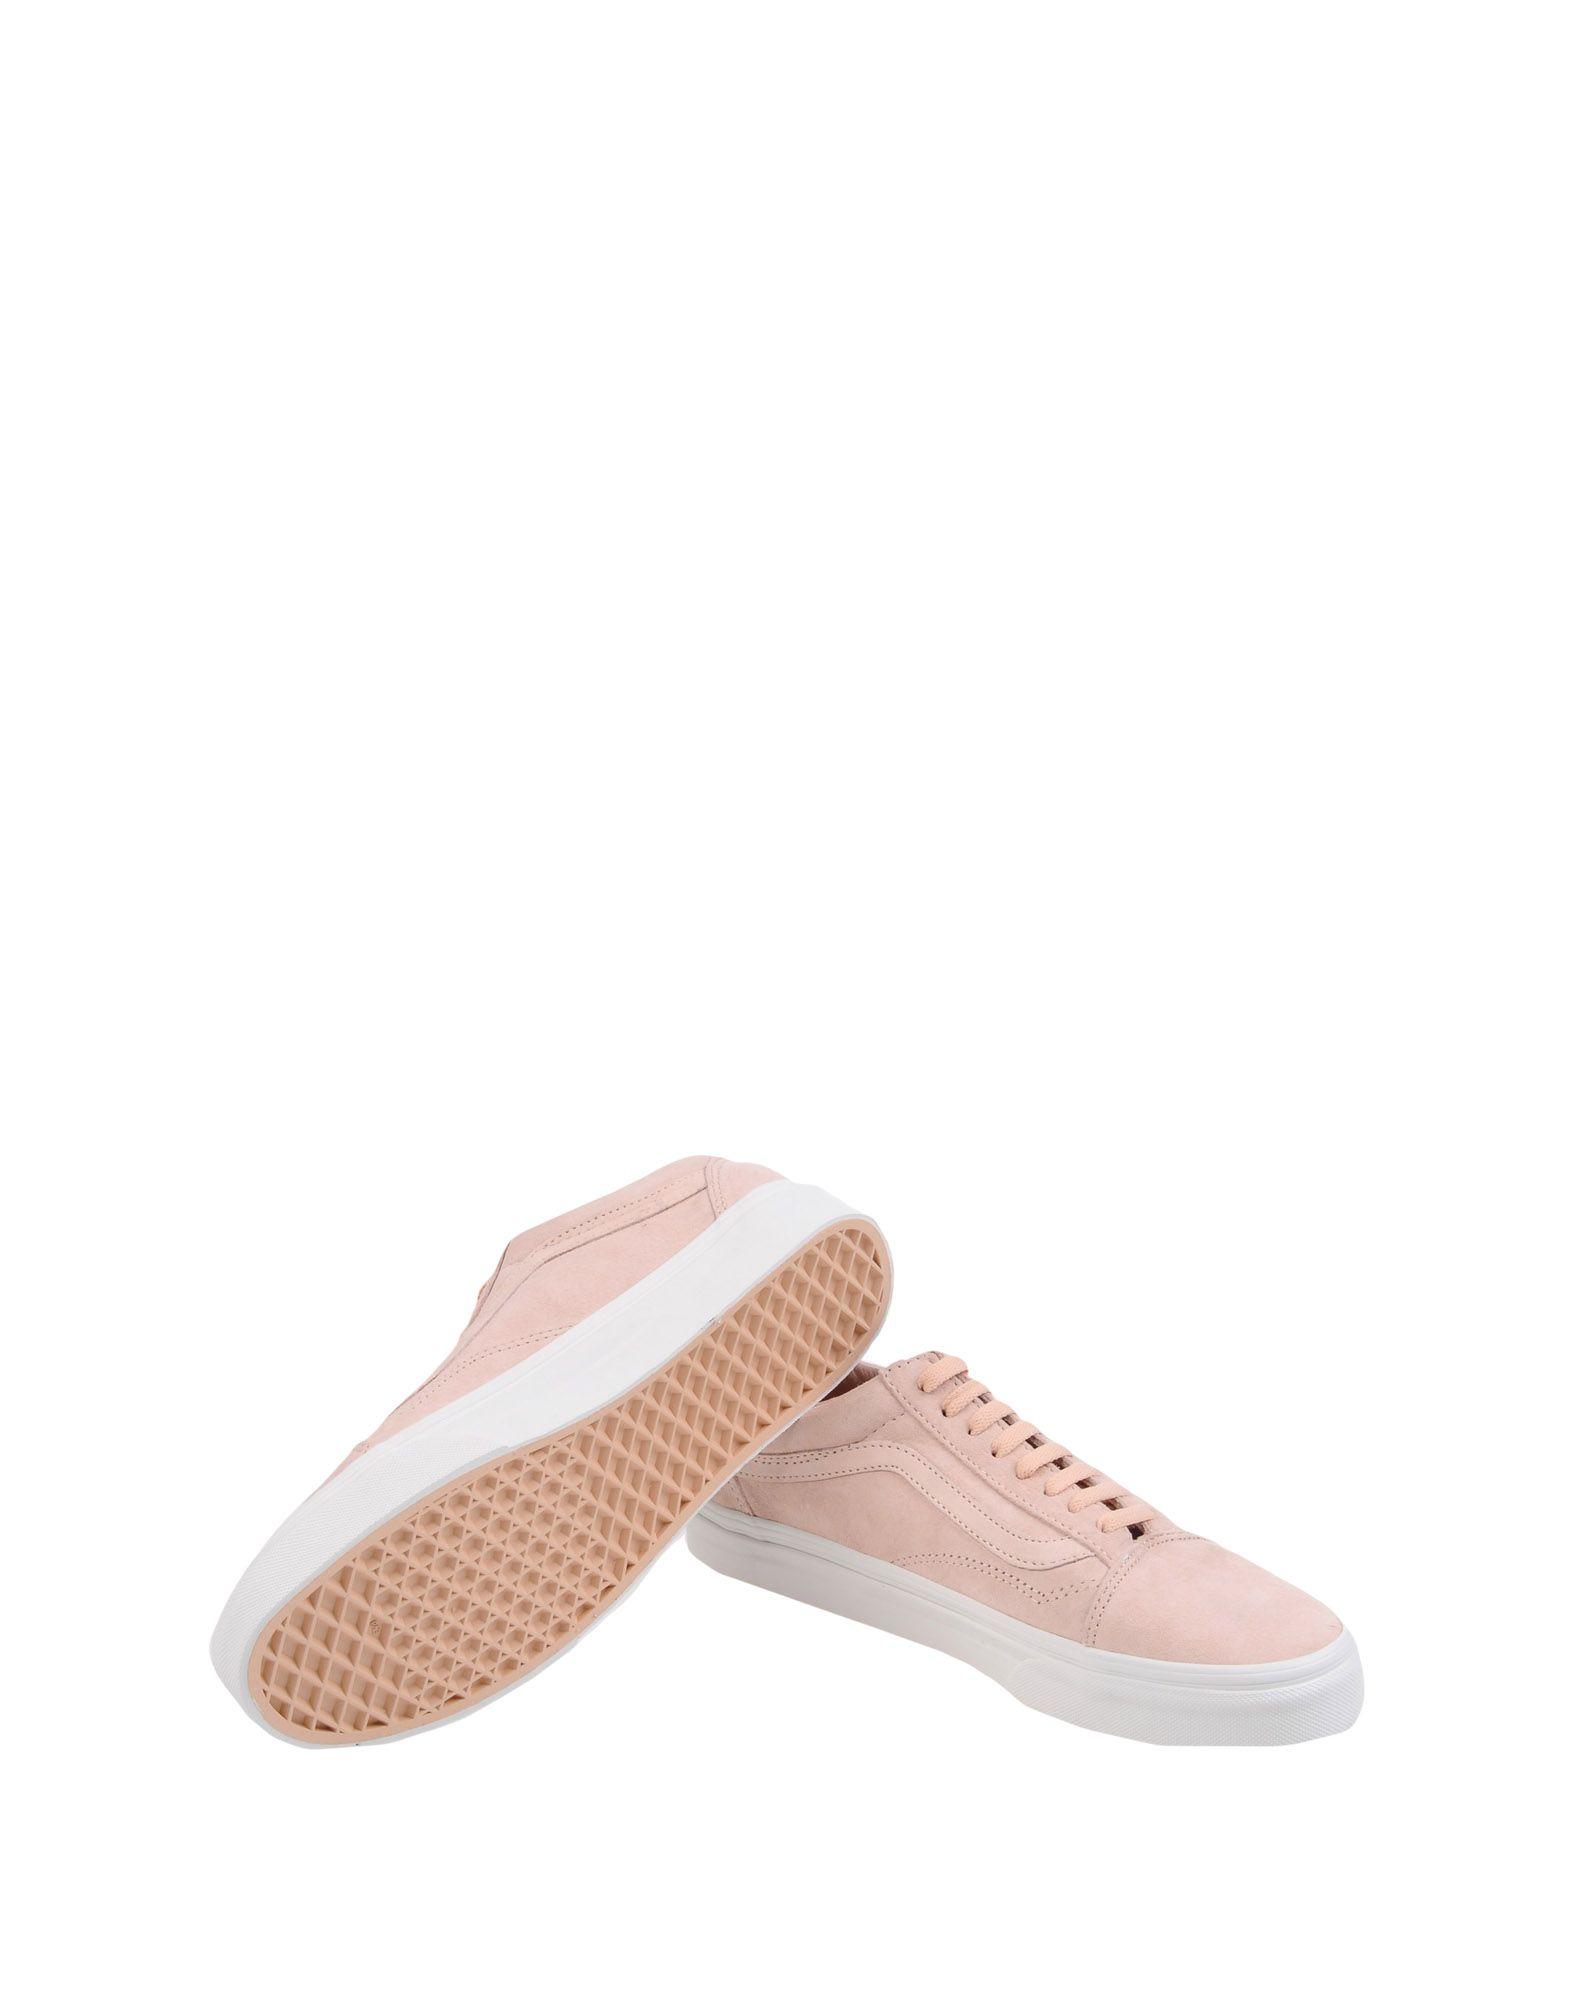 Vans Ua Qualität Old Skool 11201331XC Gute Qualität Ua beliebte Schuhe 7d935d